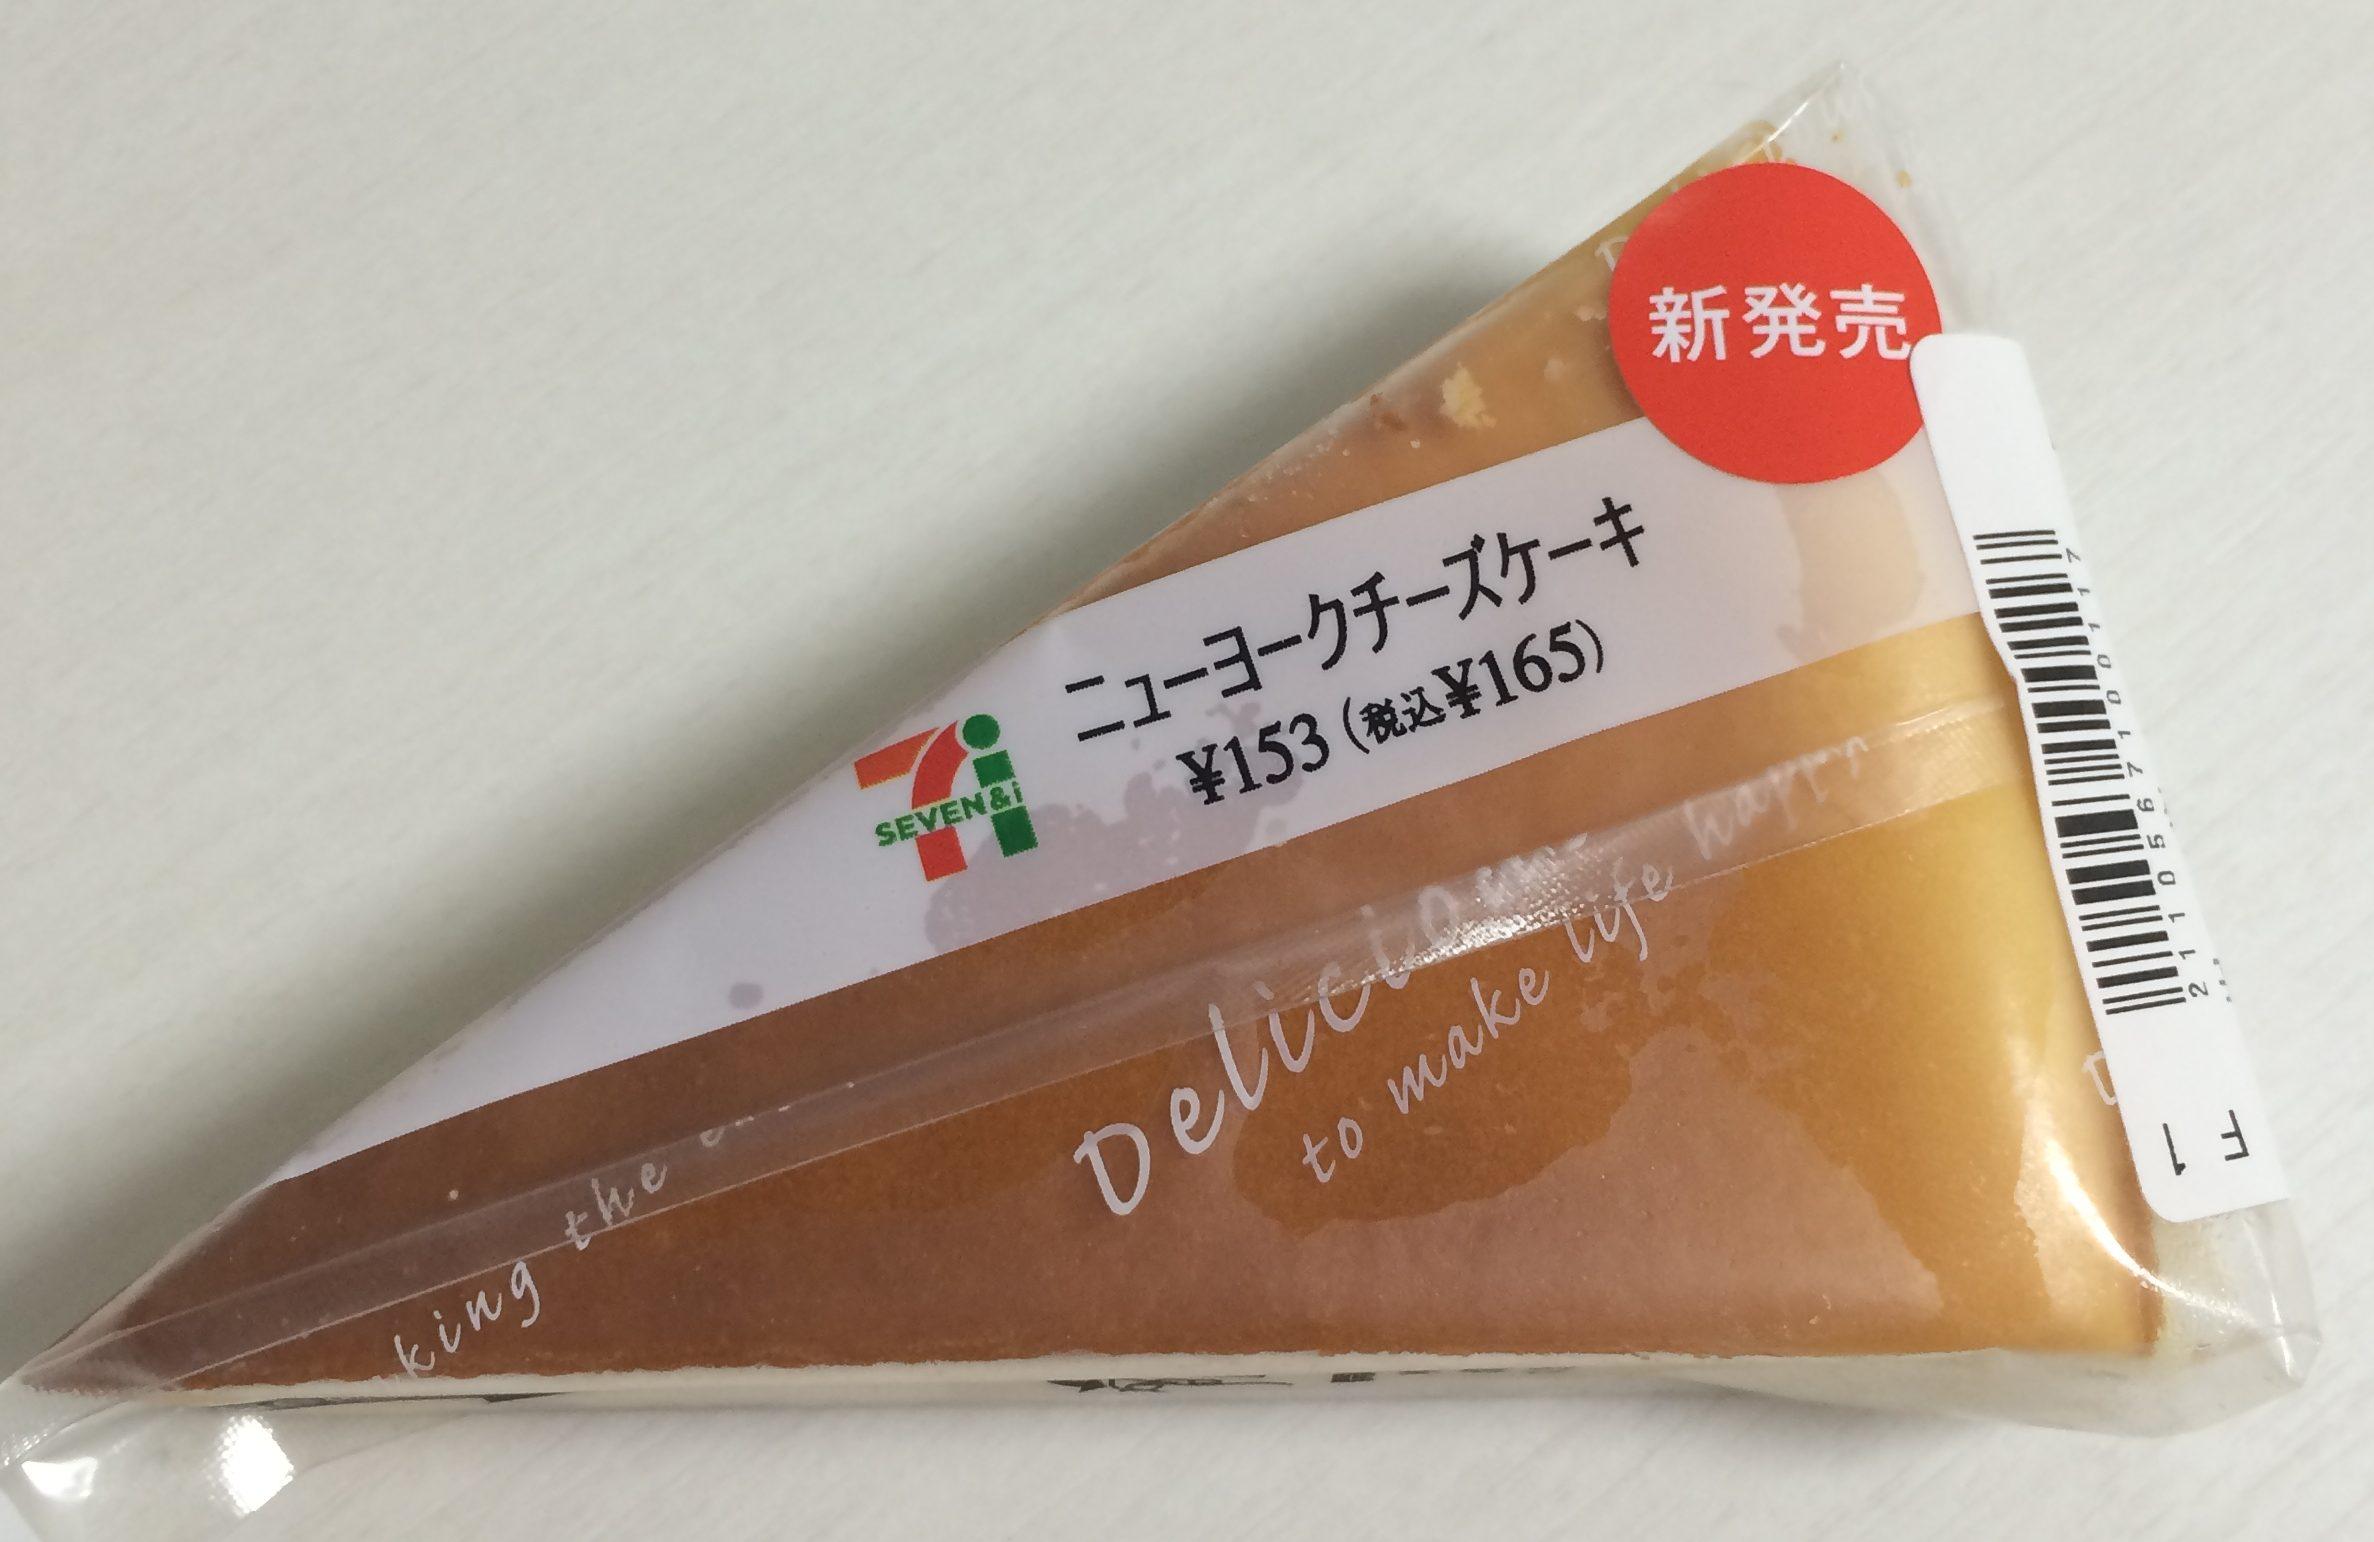 【セブンイレブン】ニューヨークチーズケーキ 食べた感想